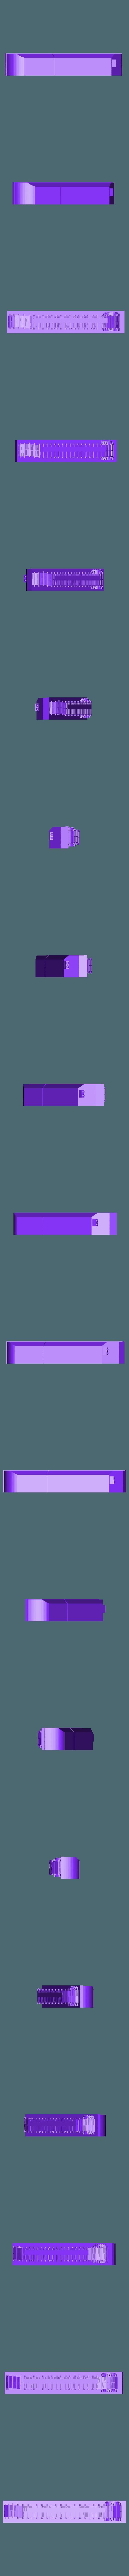 Simplified_tracks_left.stl Télécharger fichier STL gratuit ork / orc Flak tank 28mm wargames véhicule • Modèle imprimable en 3D, redstarkits